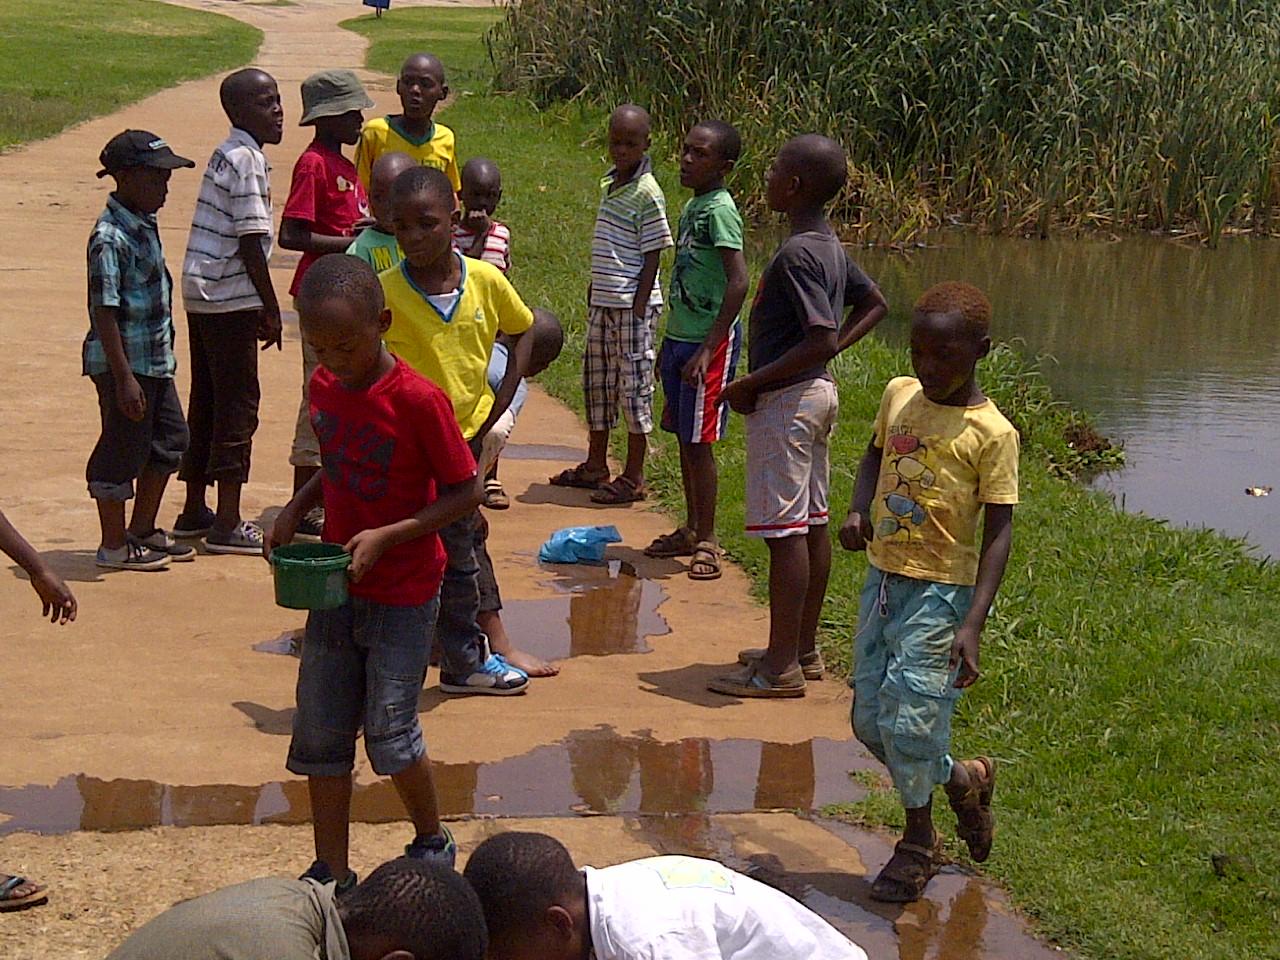 Children play in Soweto.